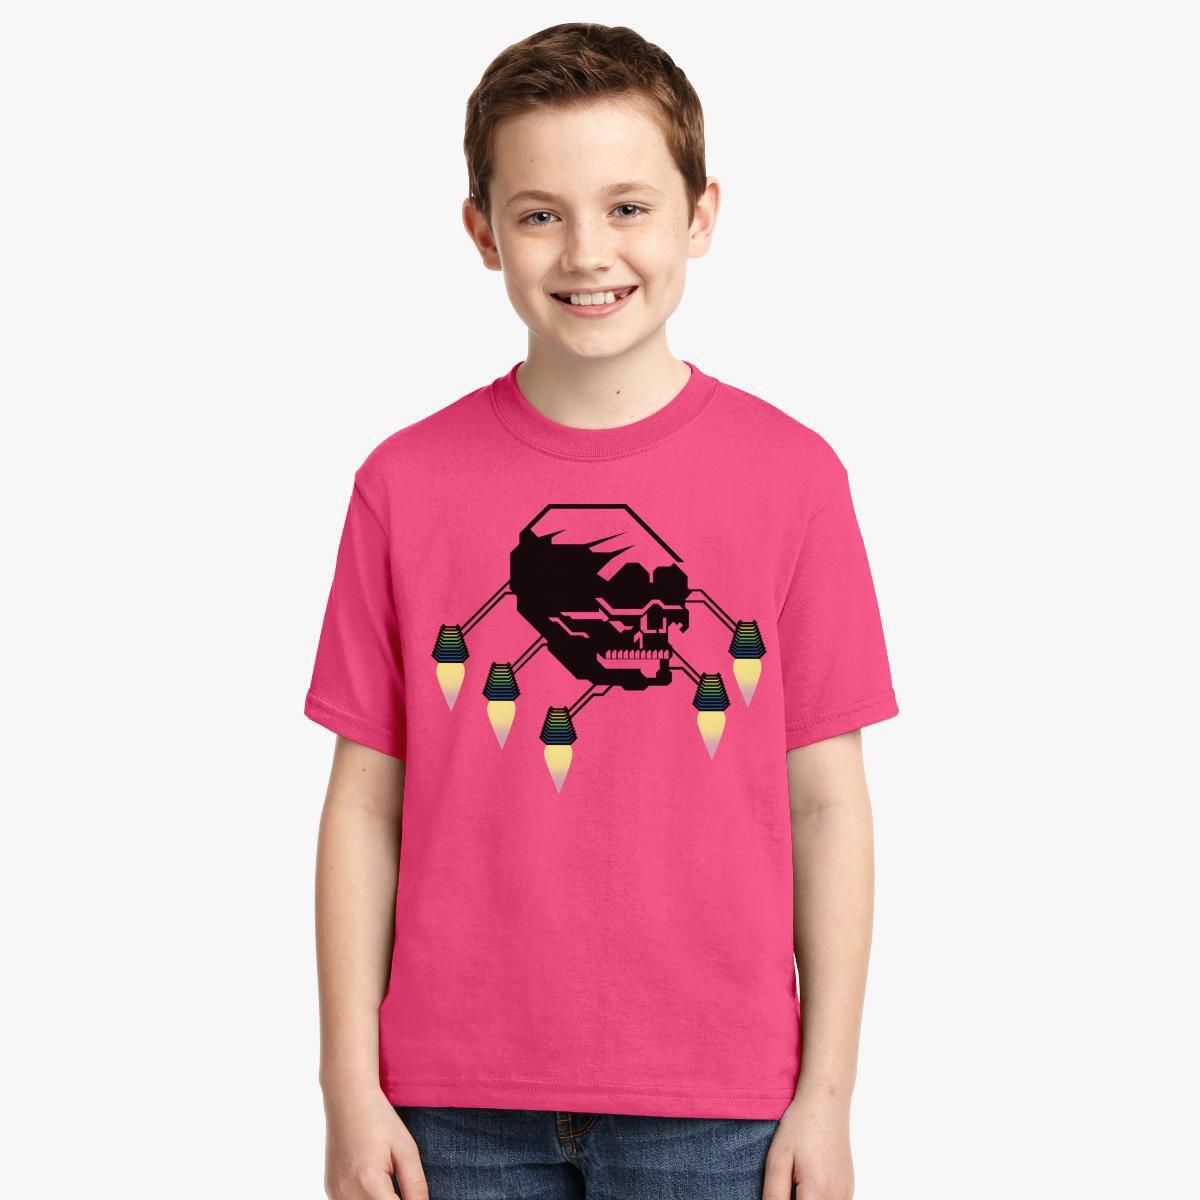 Bastard Noise Youth T-shirt